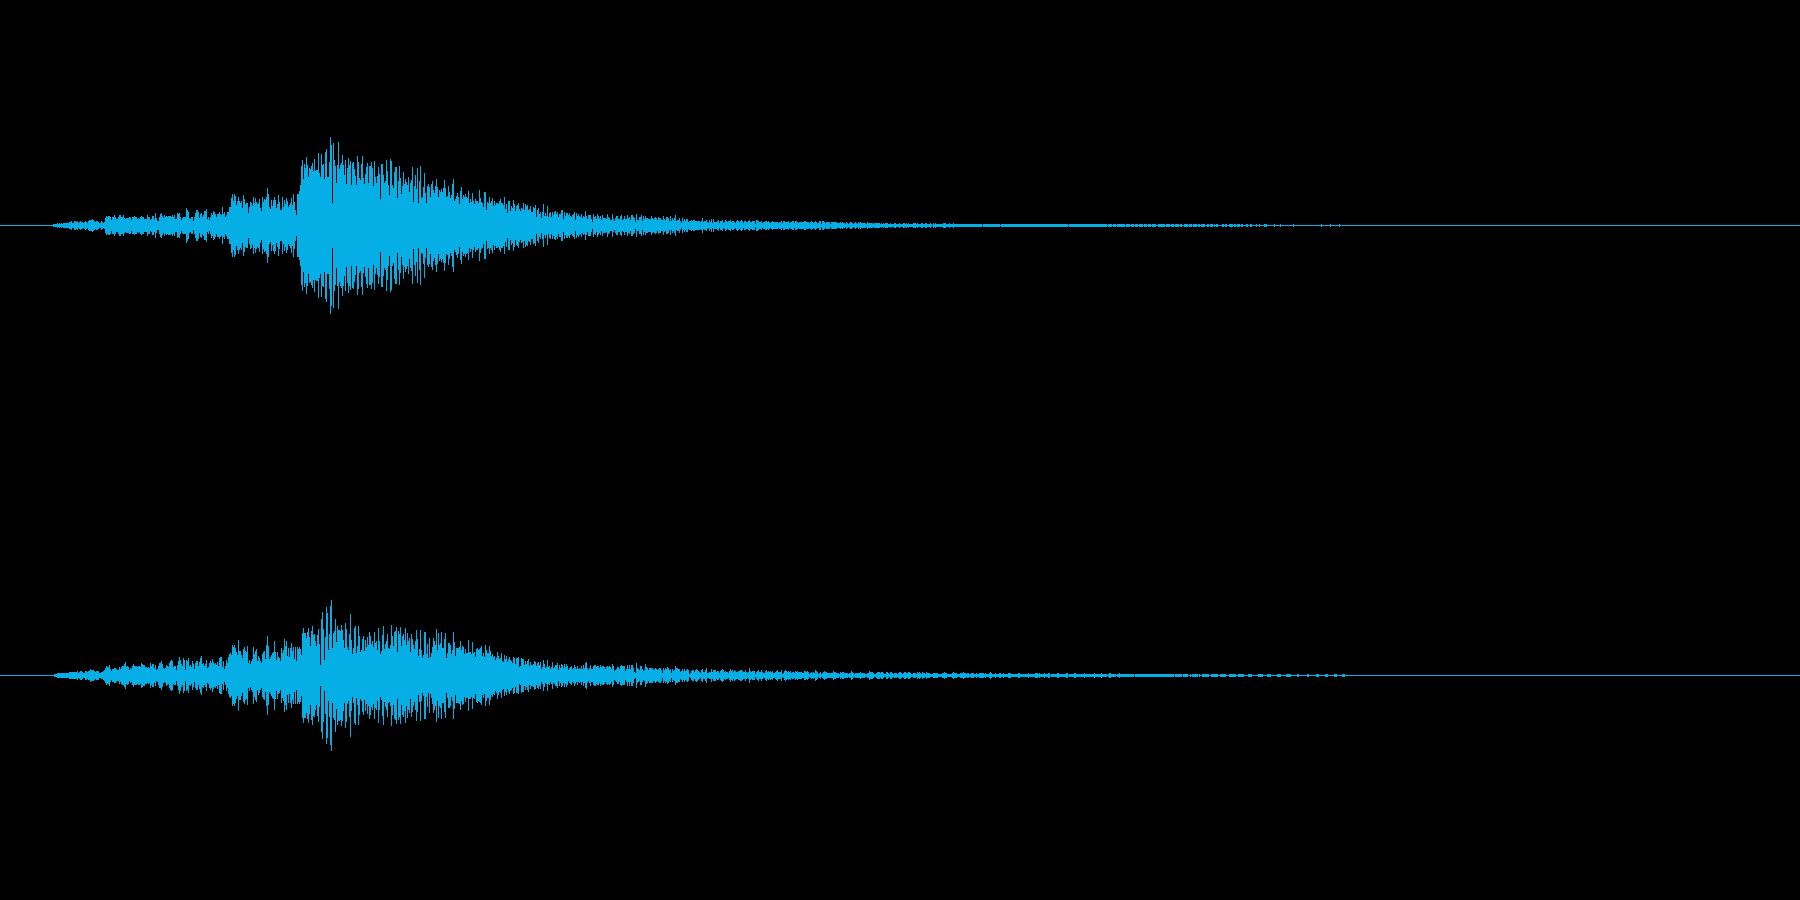 ハープのグリッサンド・ファーストミートの再生済みの波形